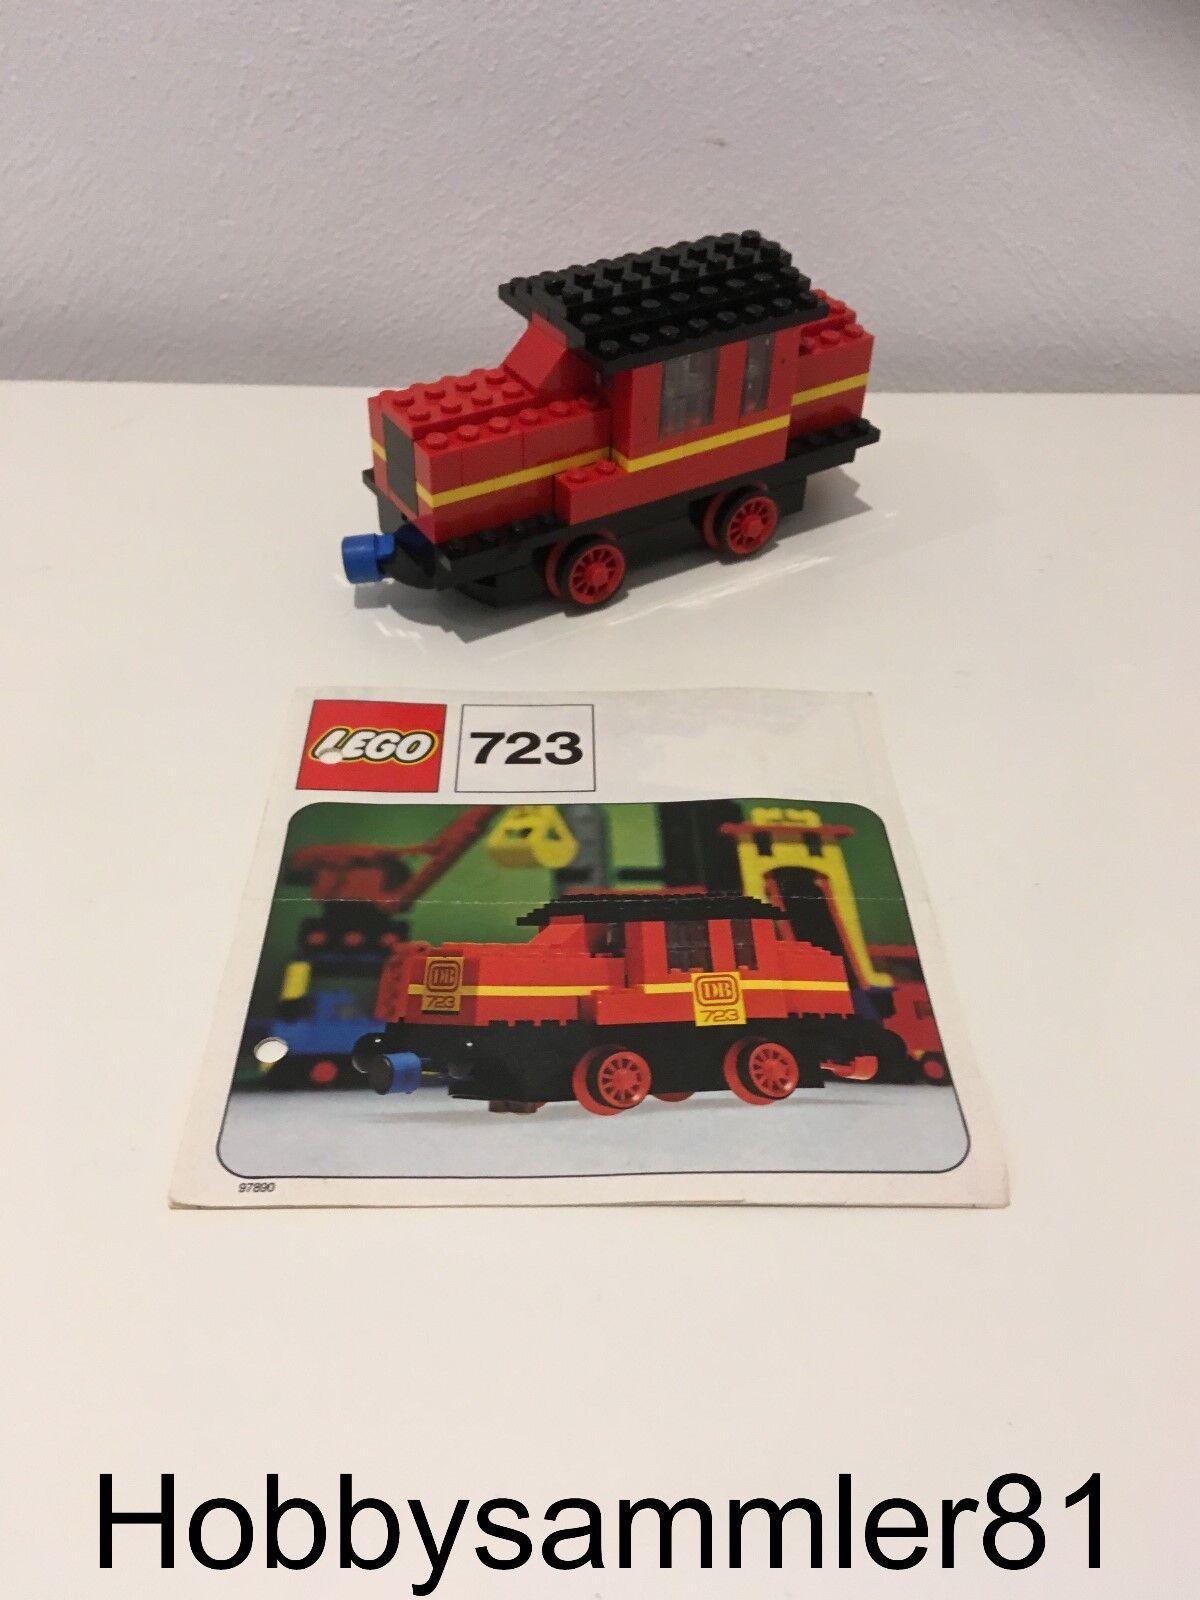 Lego® 723 Diesellokomotive 12V / Lokomotive / Lok / Zug / Bahn / Eisenbahn